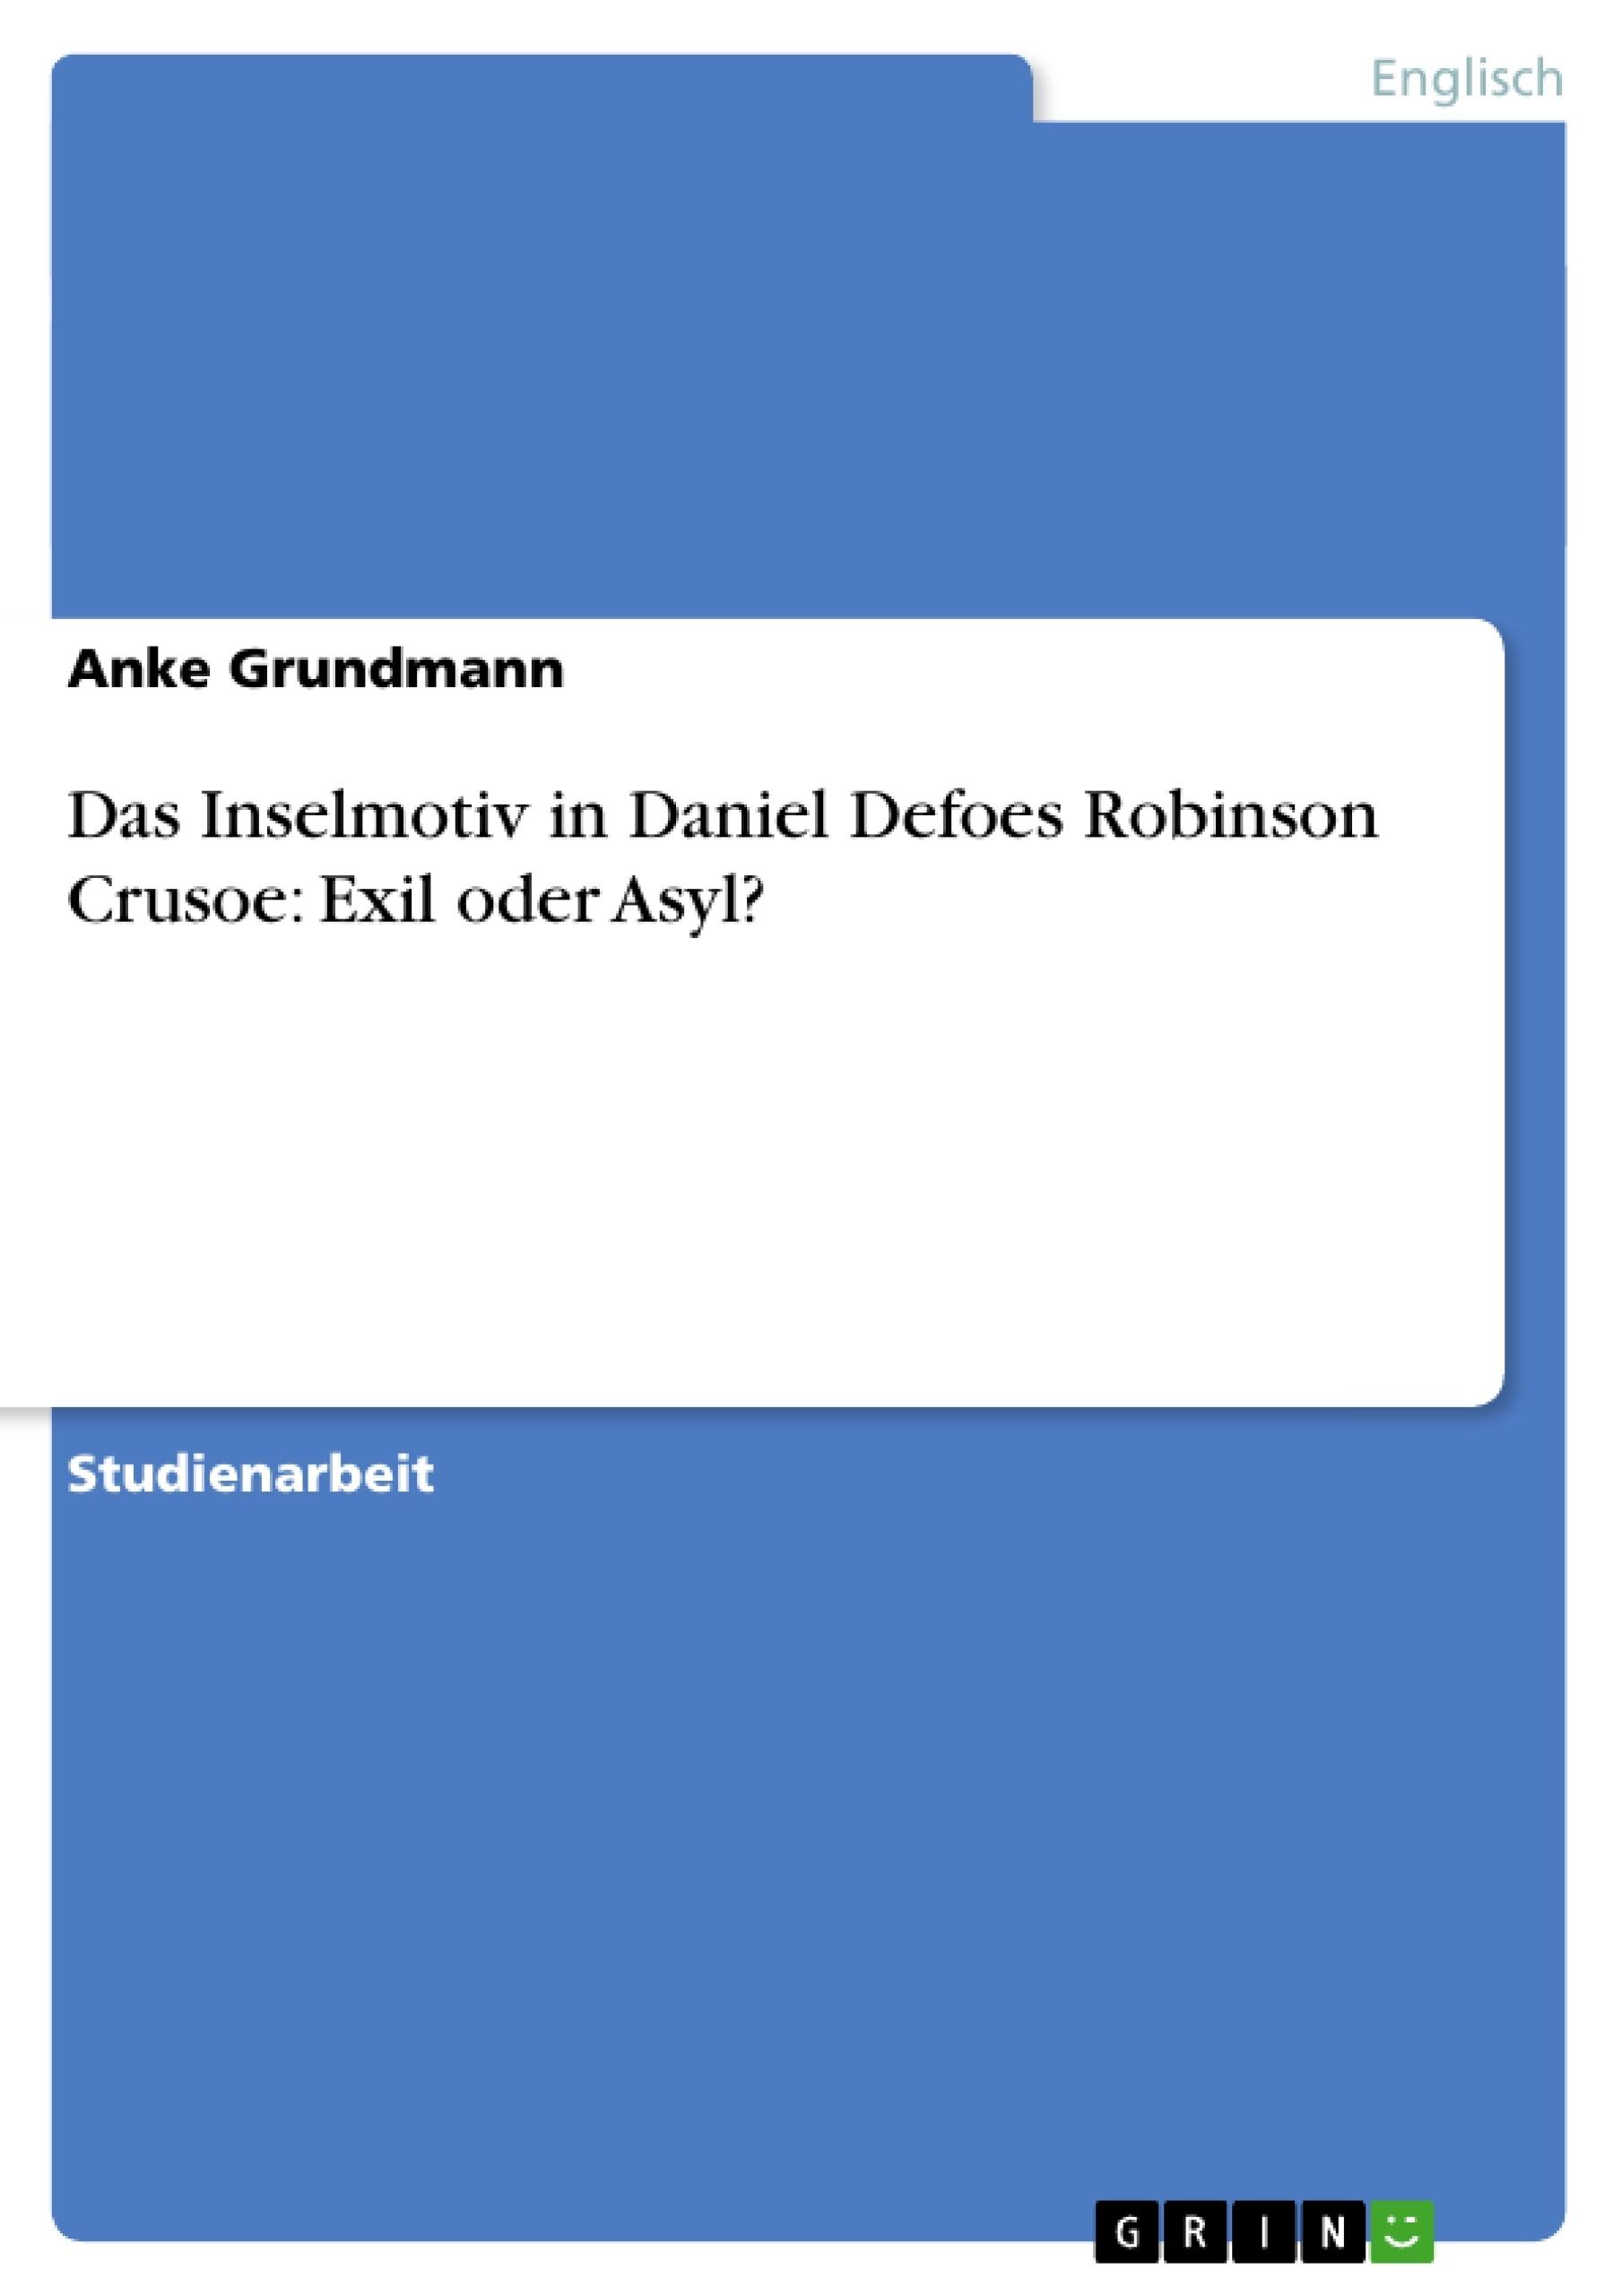 Titel: Das Inselmotiv in Daniel Defoes Robinson Crusoe: Exil oder Asyl?